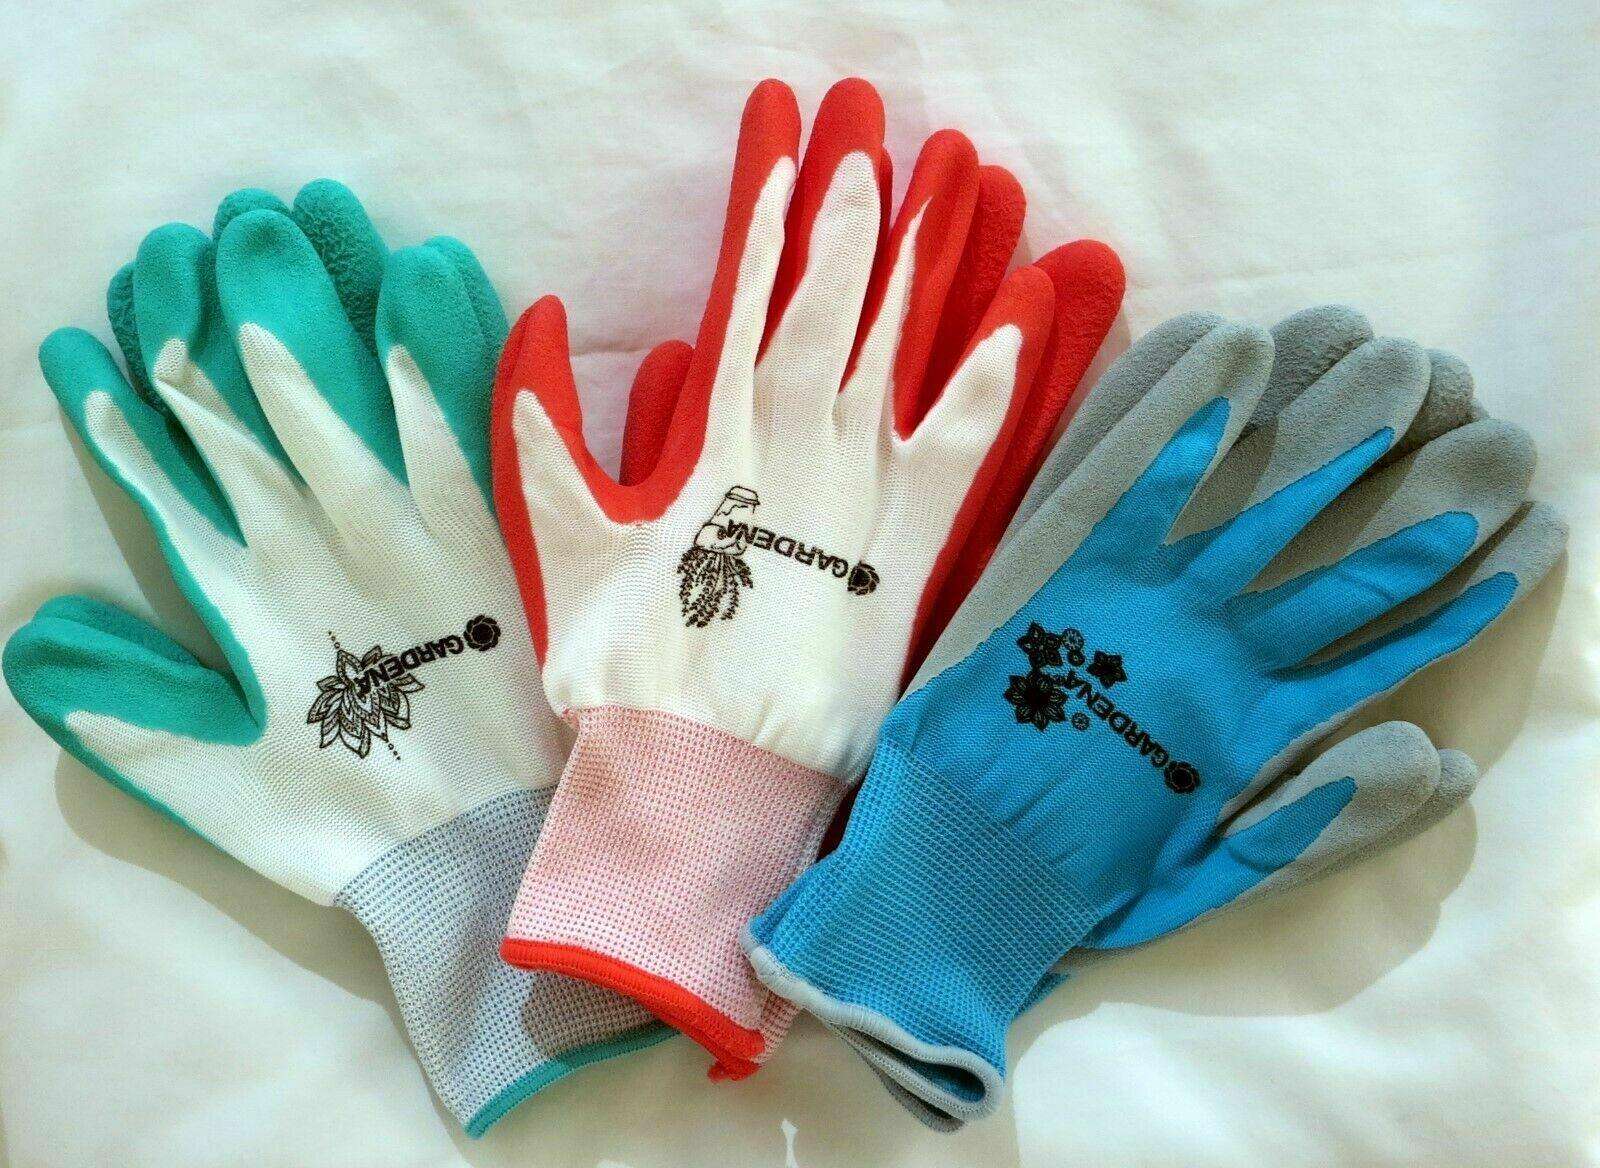 3 Pairs Gardena Gardening Yard Gloves Nitrile Dipped Anti-Slip Knit Wrist